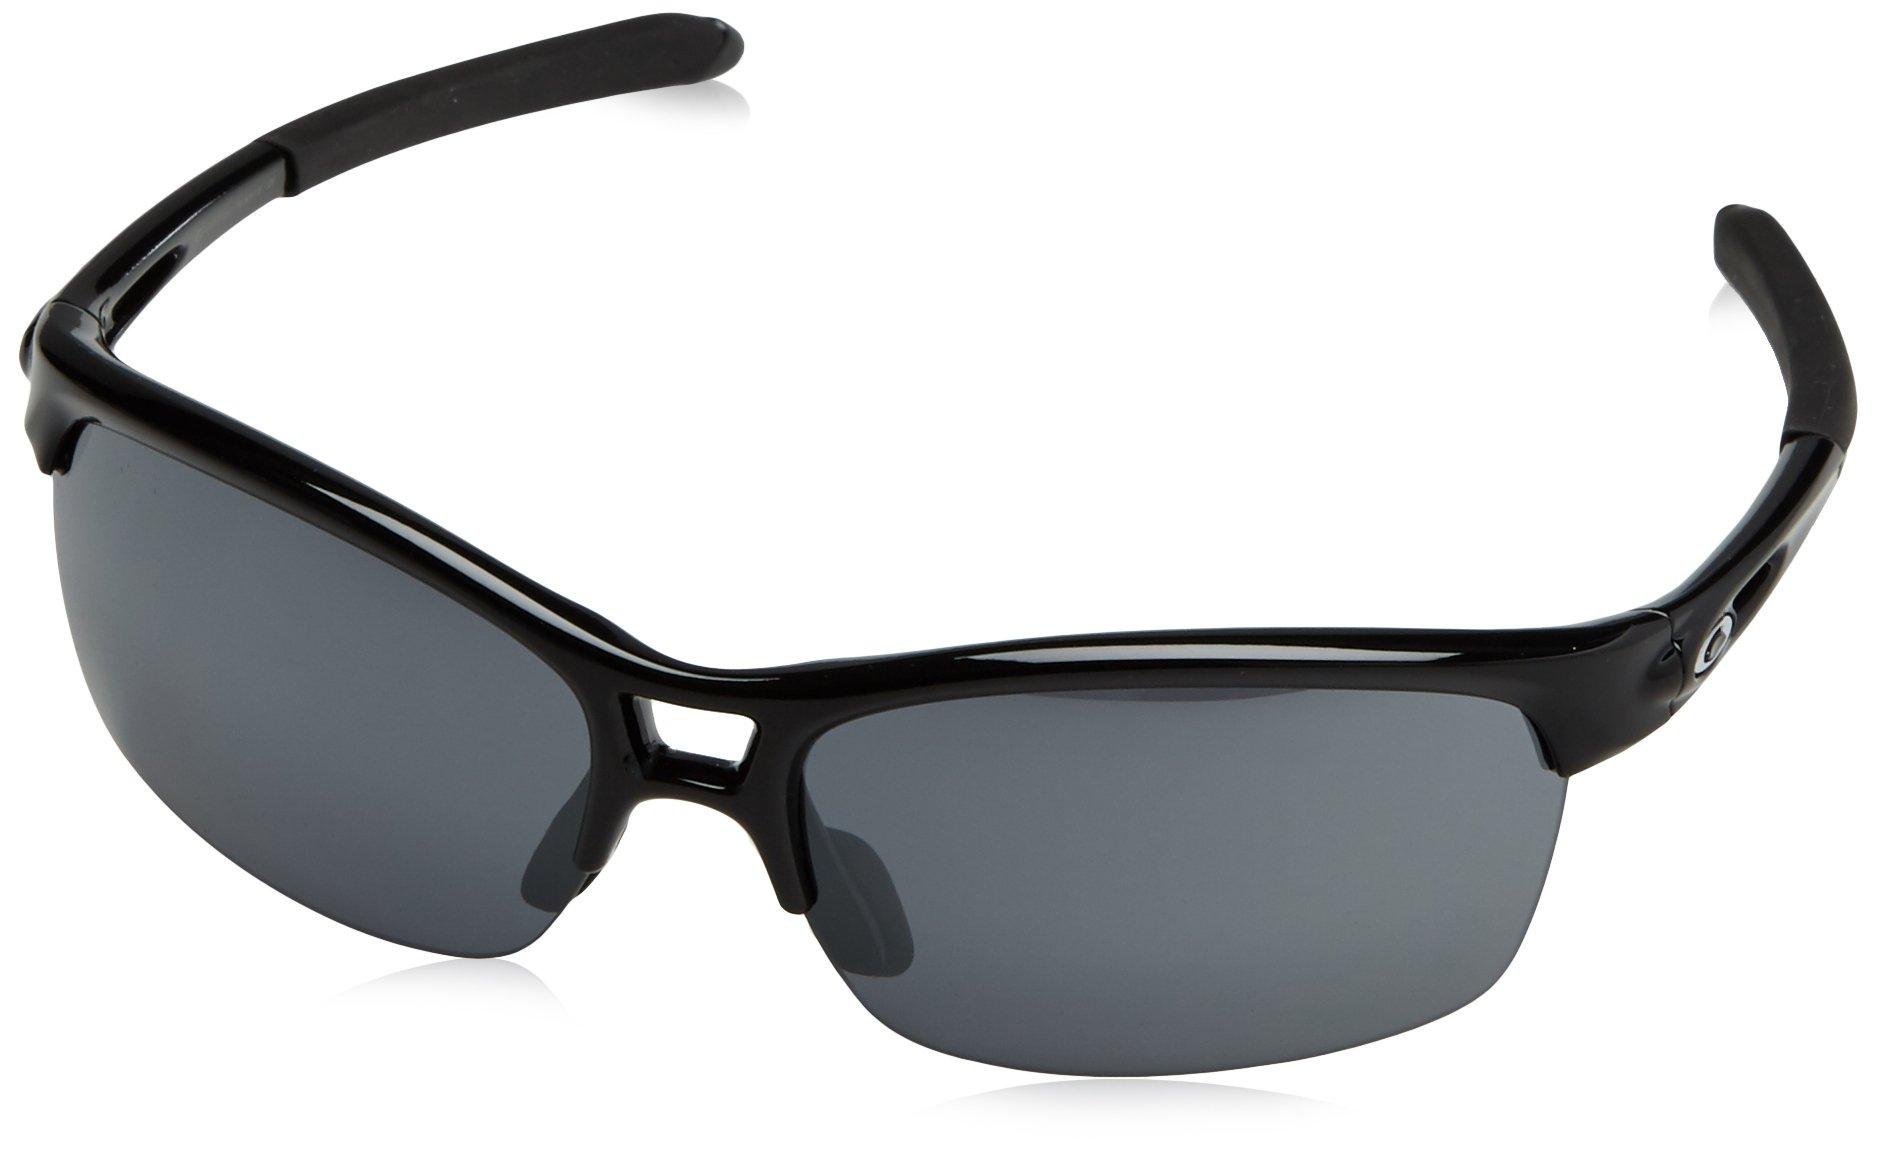 6654cc79c96 Oakley RPM SQ Non-polarized Iridium Rectangular Sunglasses product image